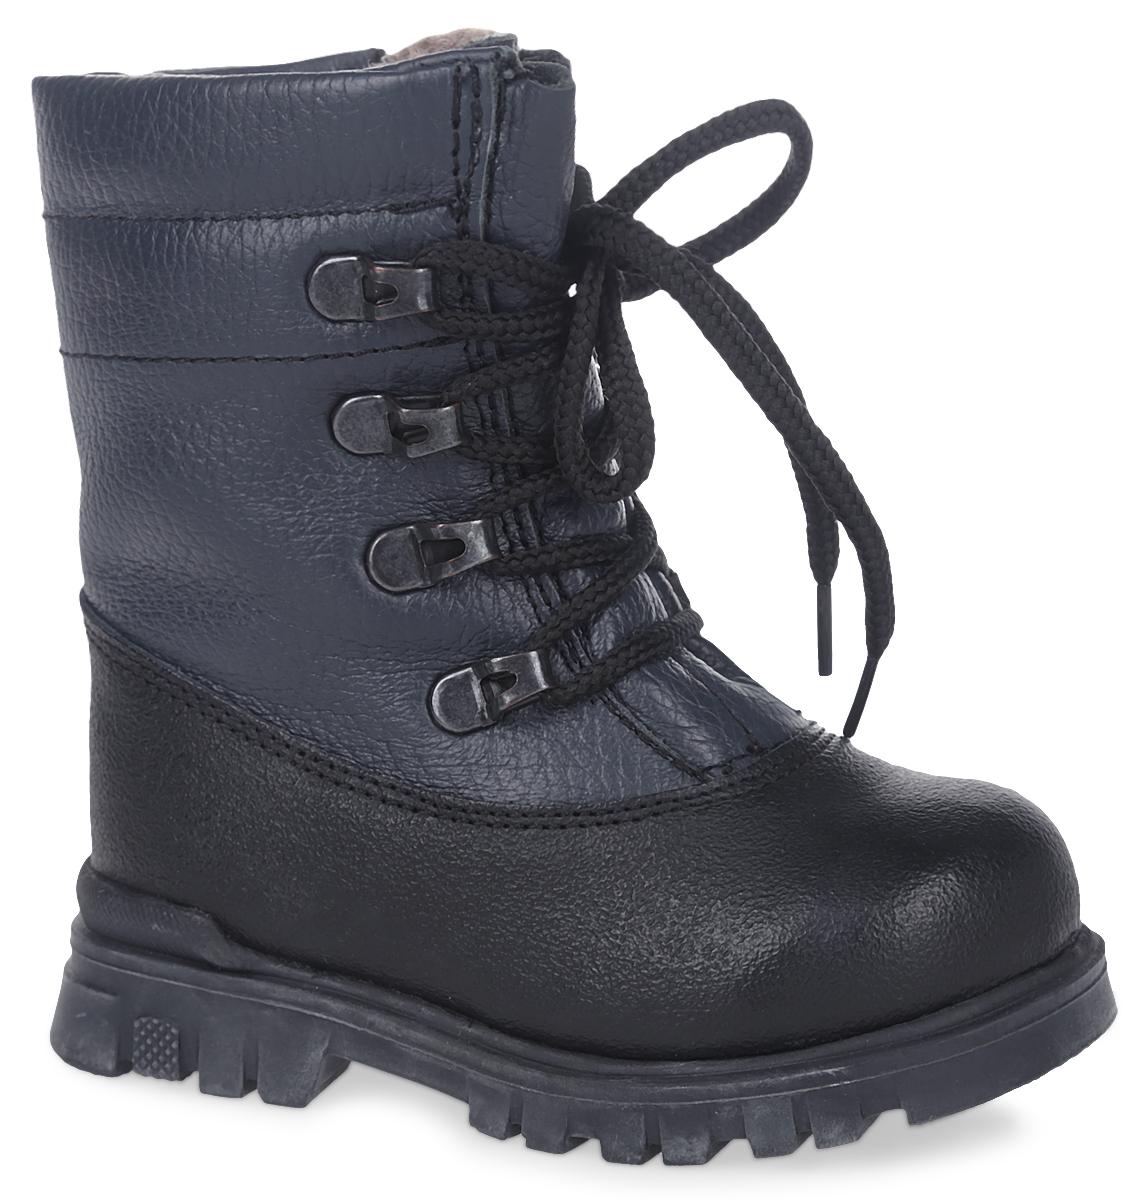 11183-5Модные ботинки от Зебра выполнены из натуральной кожи. Шнуровка надежно зафиксирует модель на ноге. Боковая застежка-молния позволяет легко снимать и надевать модель. Подкладка и стелька из натурального меха не дадут ногам замерзнуть. Подошва дополнена рифлением.